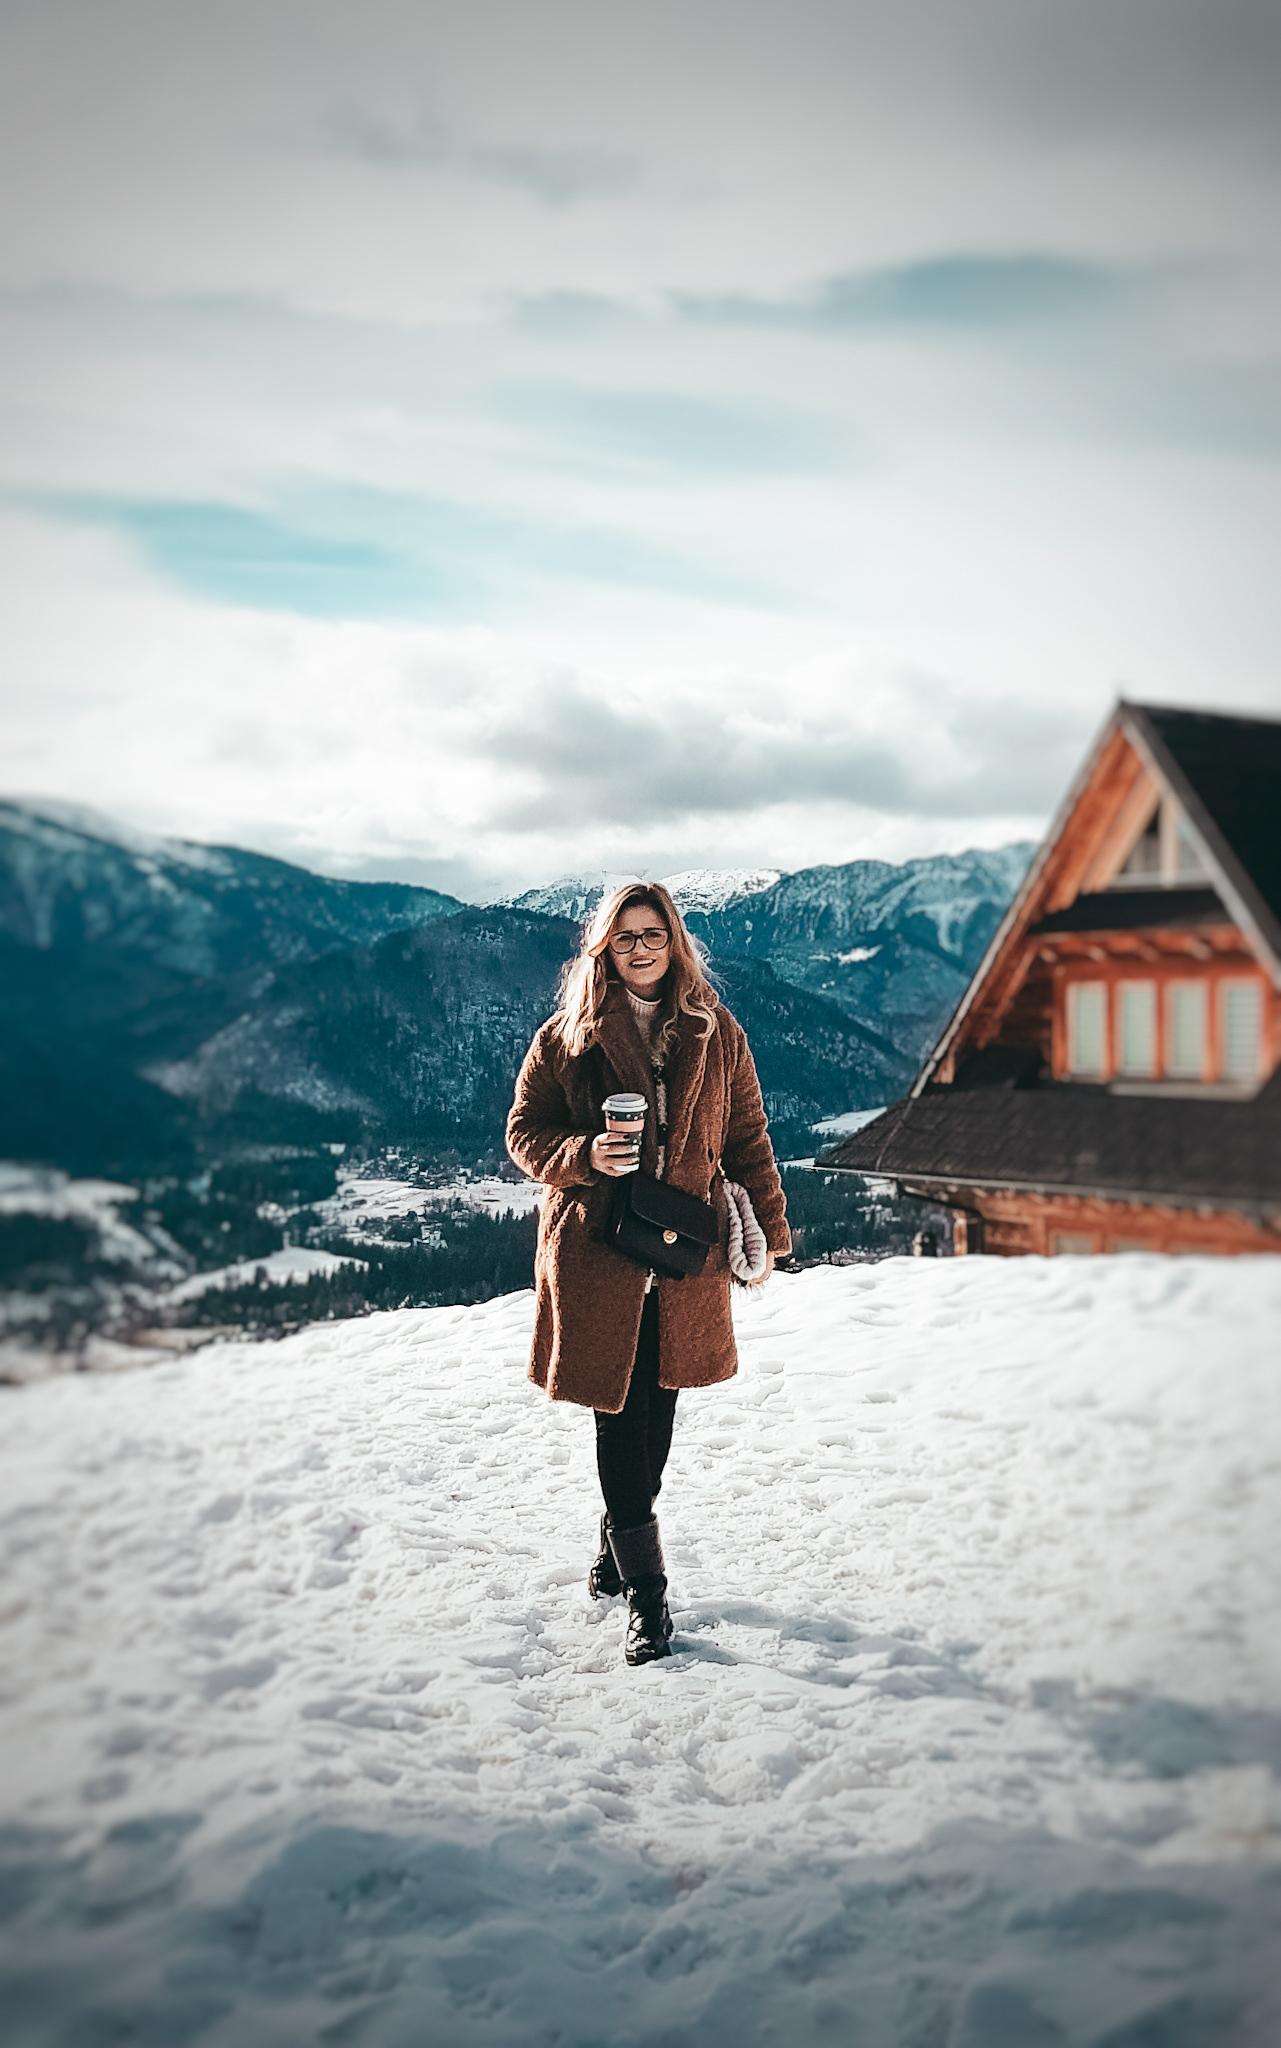 Ciepłę buty do chodzenia po  górach, ciepłe śniegowce